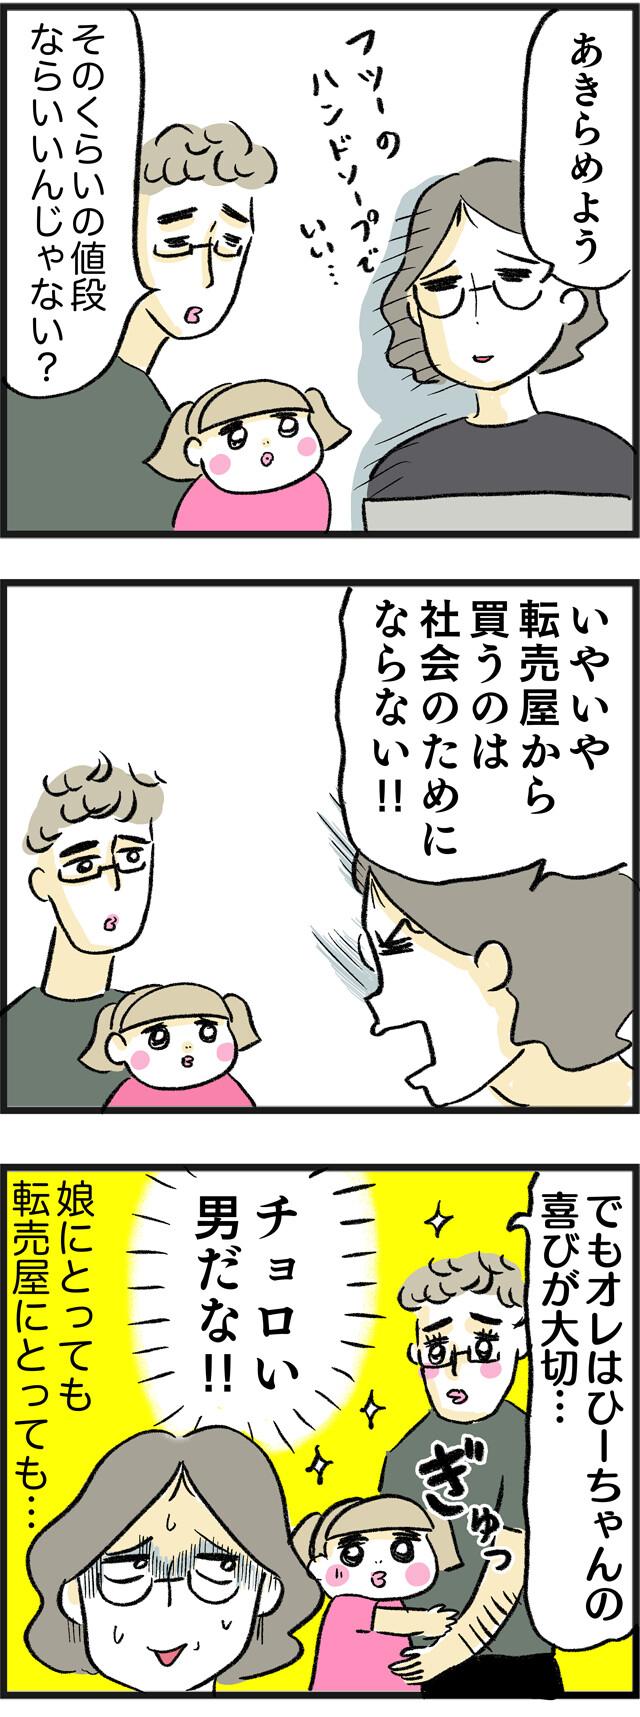 転売屋に負けた話_02